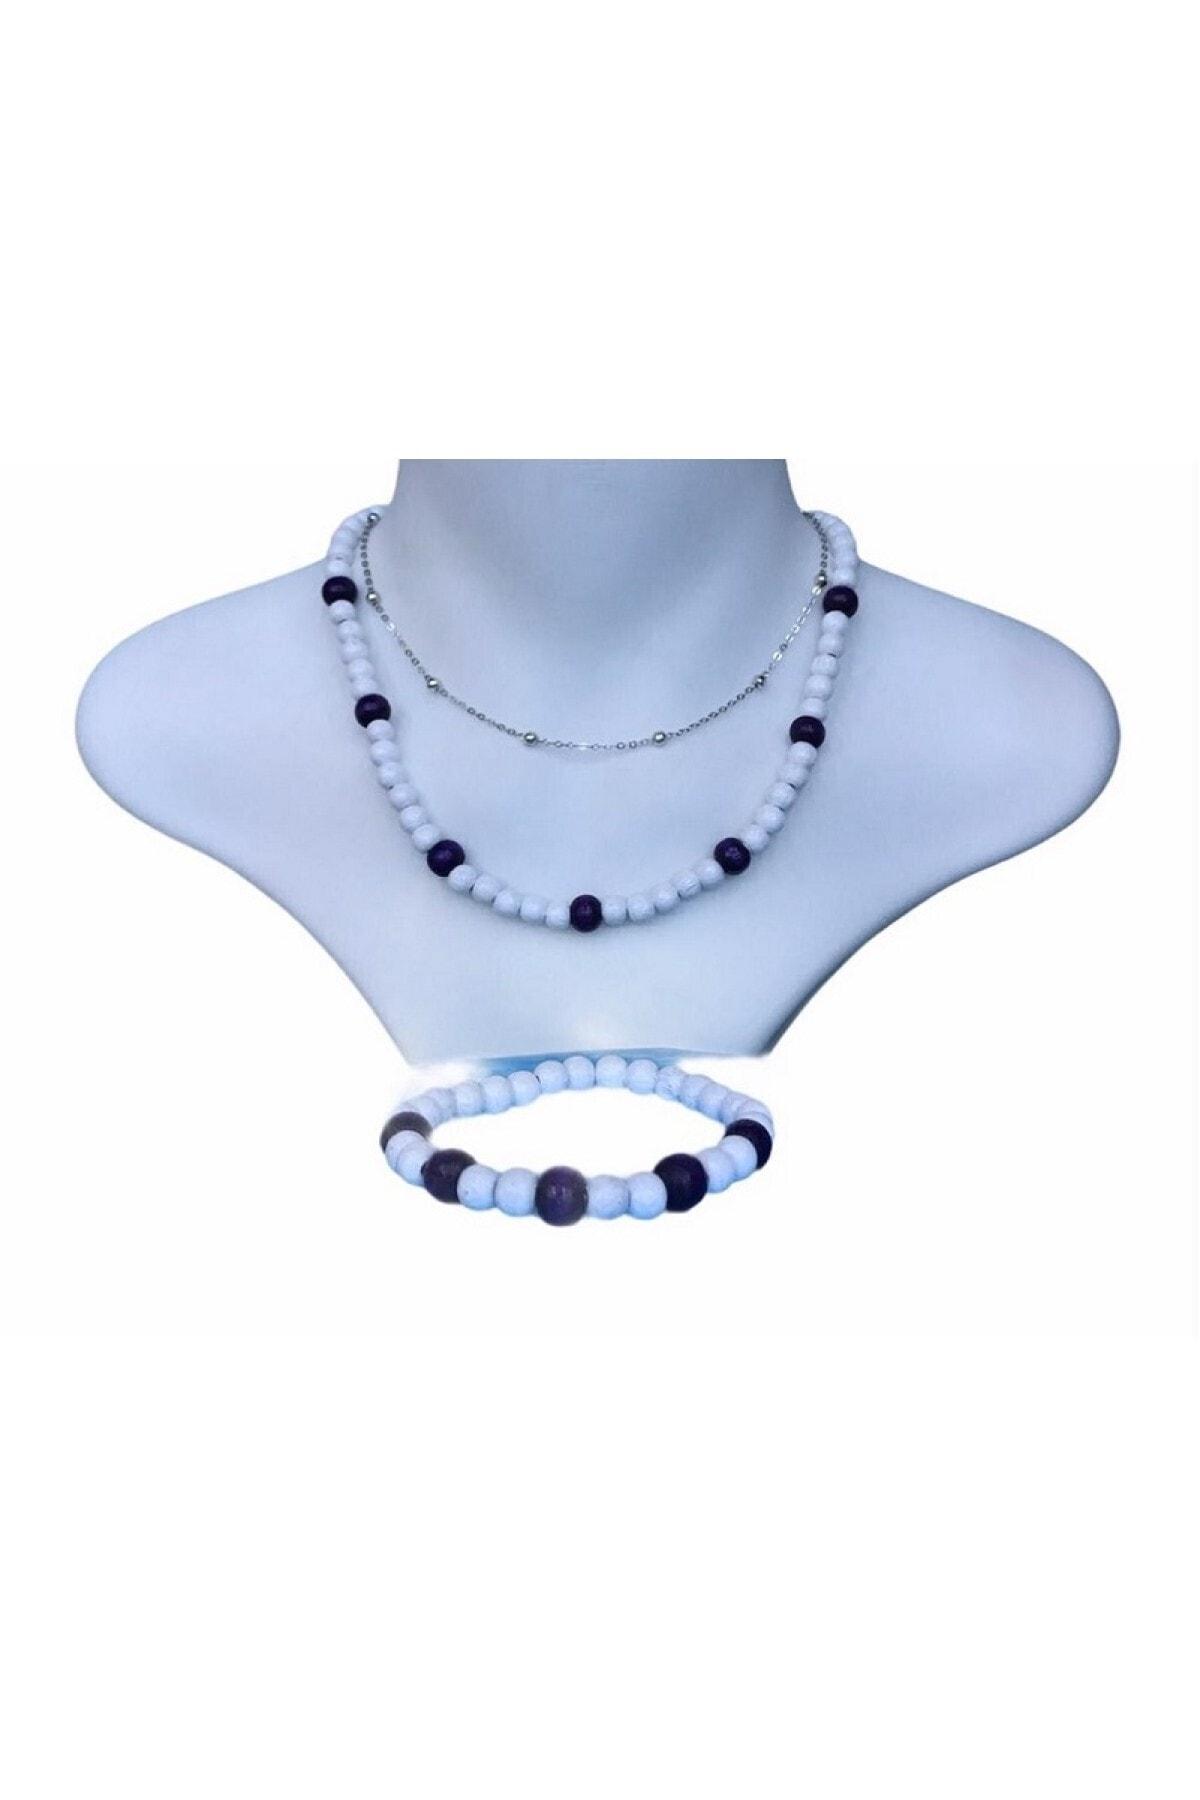 Selin 3 Lü Set - Rodyum Gümüş Kaplama Top Zinzirli + Ahşap Kolye Ve Bileklik ( Bayaza - Mor ) 1